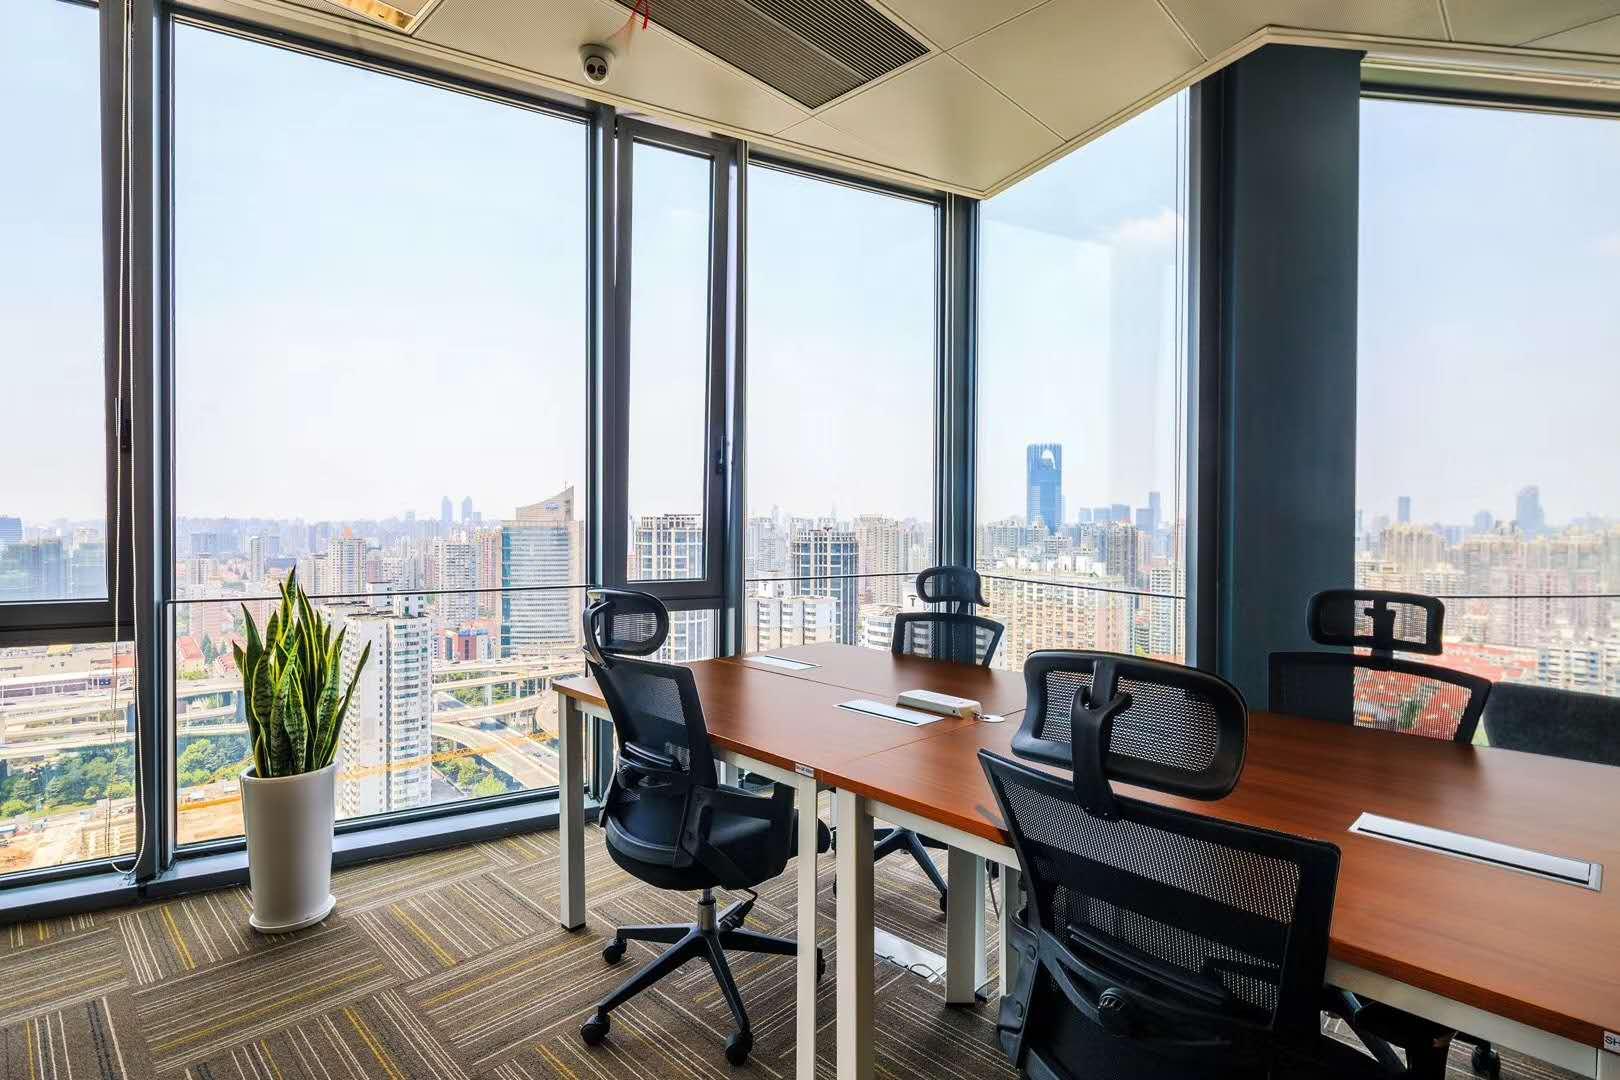 上海歌斐中心优客工场出租4人间带窗户现房